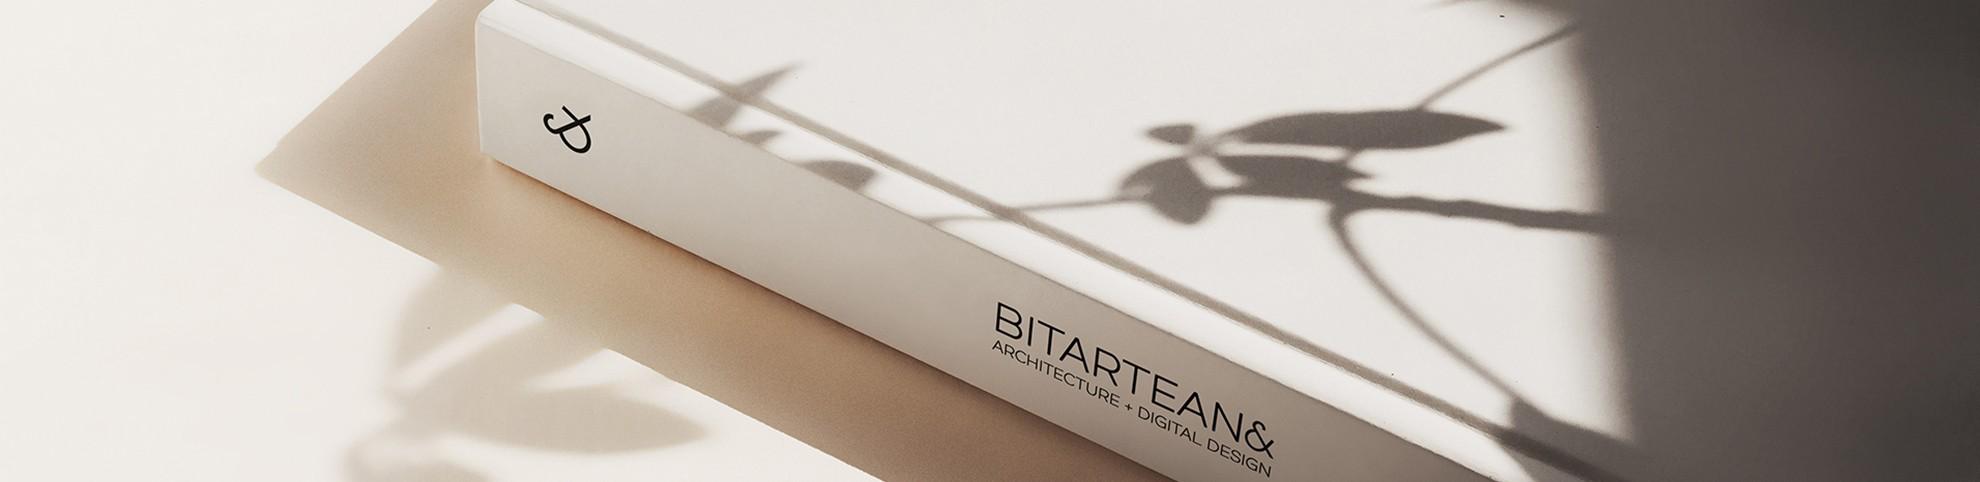 BITARTEAN&